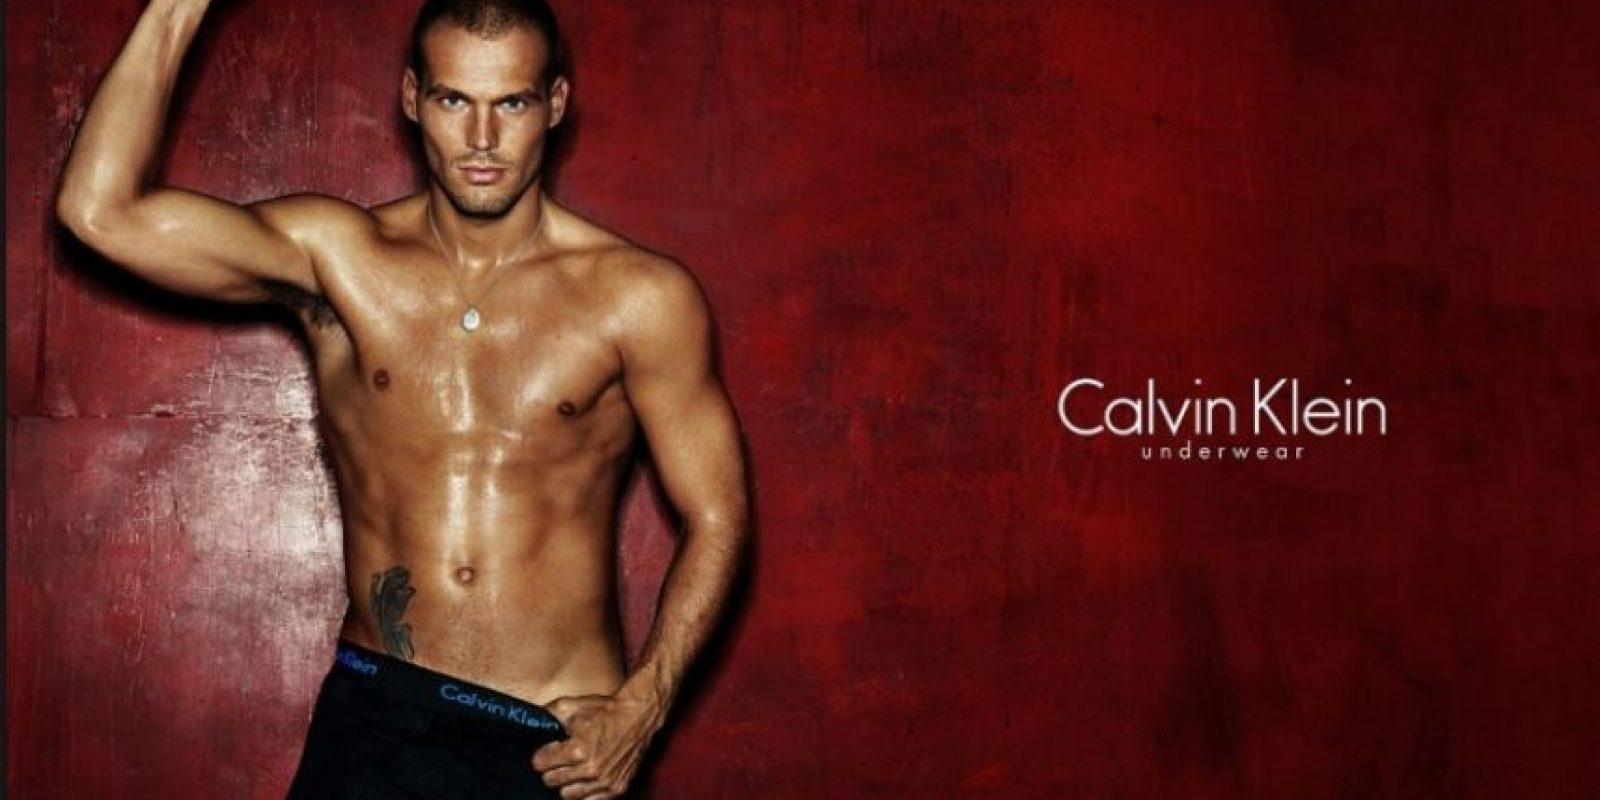 Es un ex futbolista sueco, participó en los Mundiales de 2002 y 2006, Foto:Calvin Klein